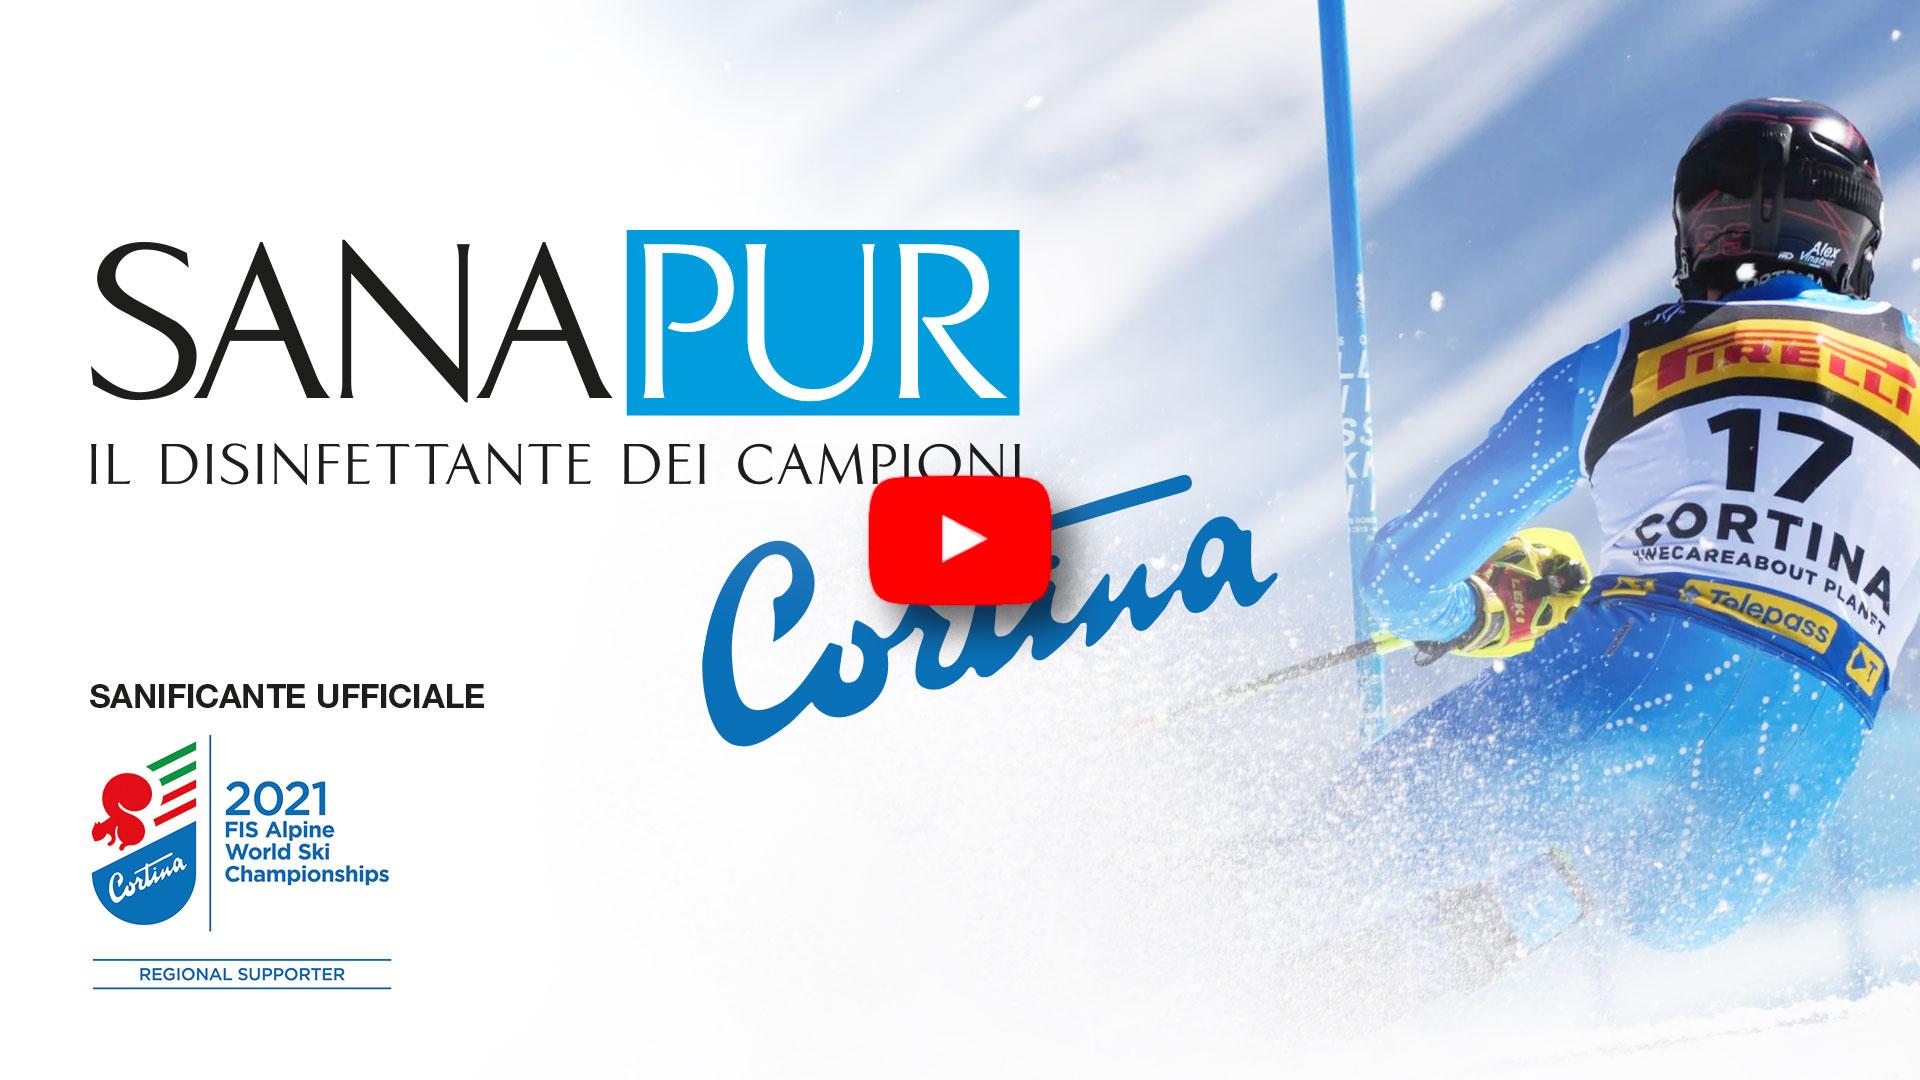 Disinfettante e sanificante Sanapur BeSafe: Mondiali di Sci Alpino Cortina 2021